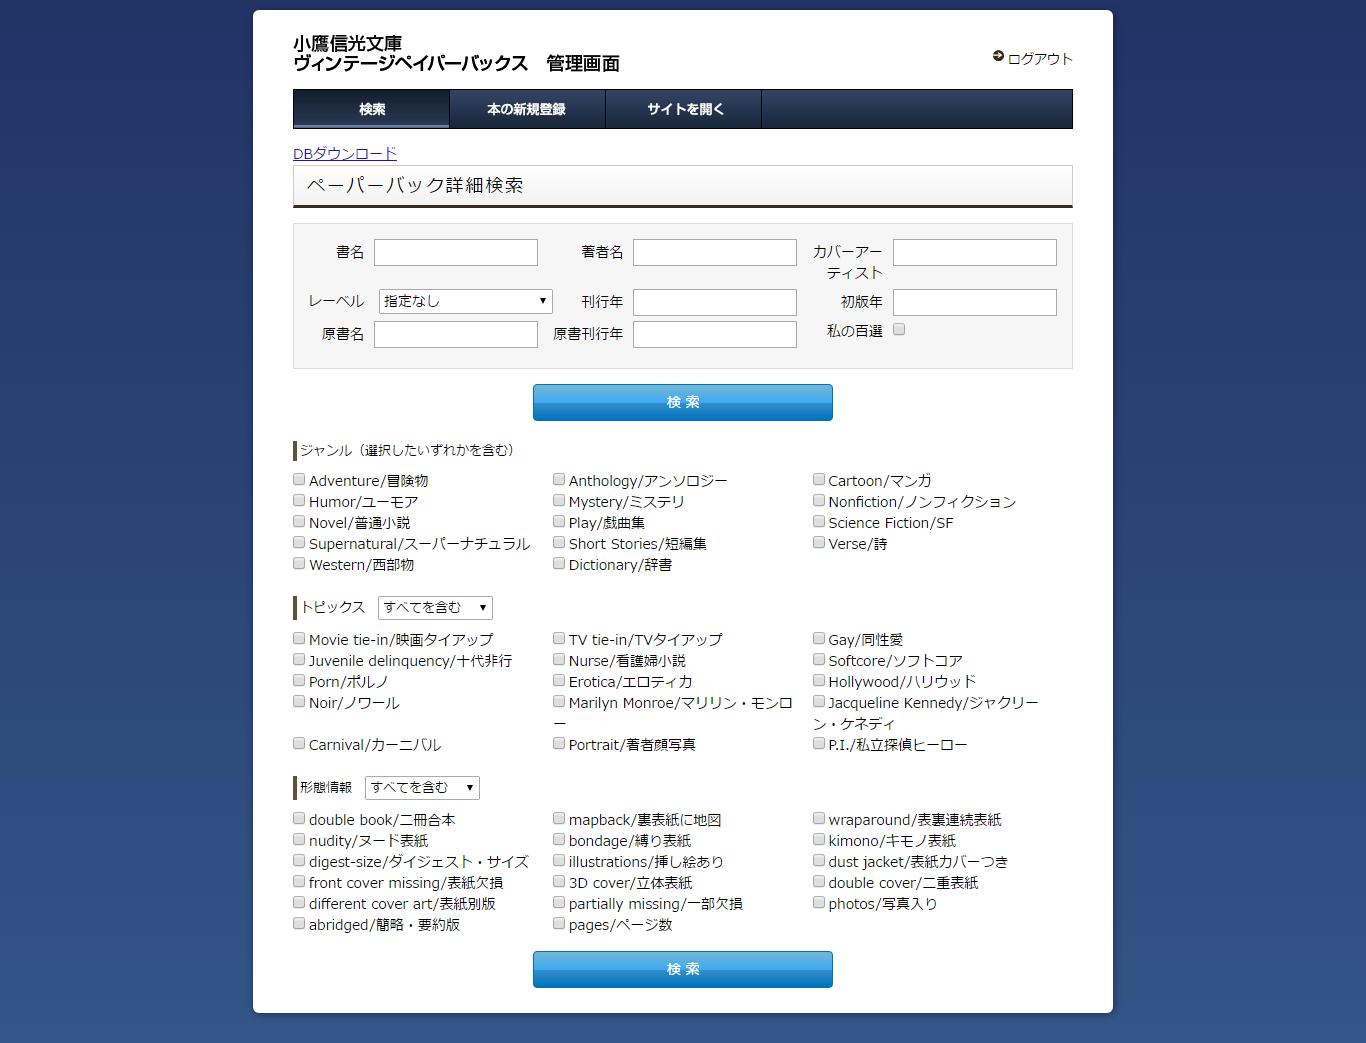 早川書房-管理画面